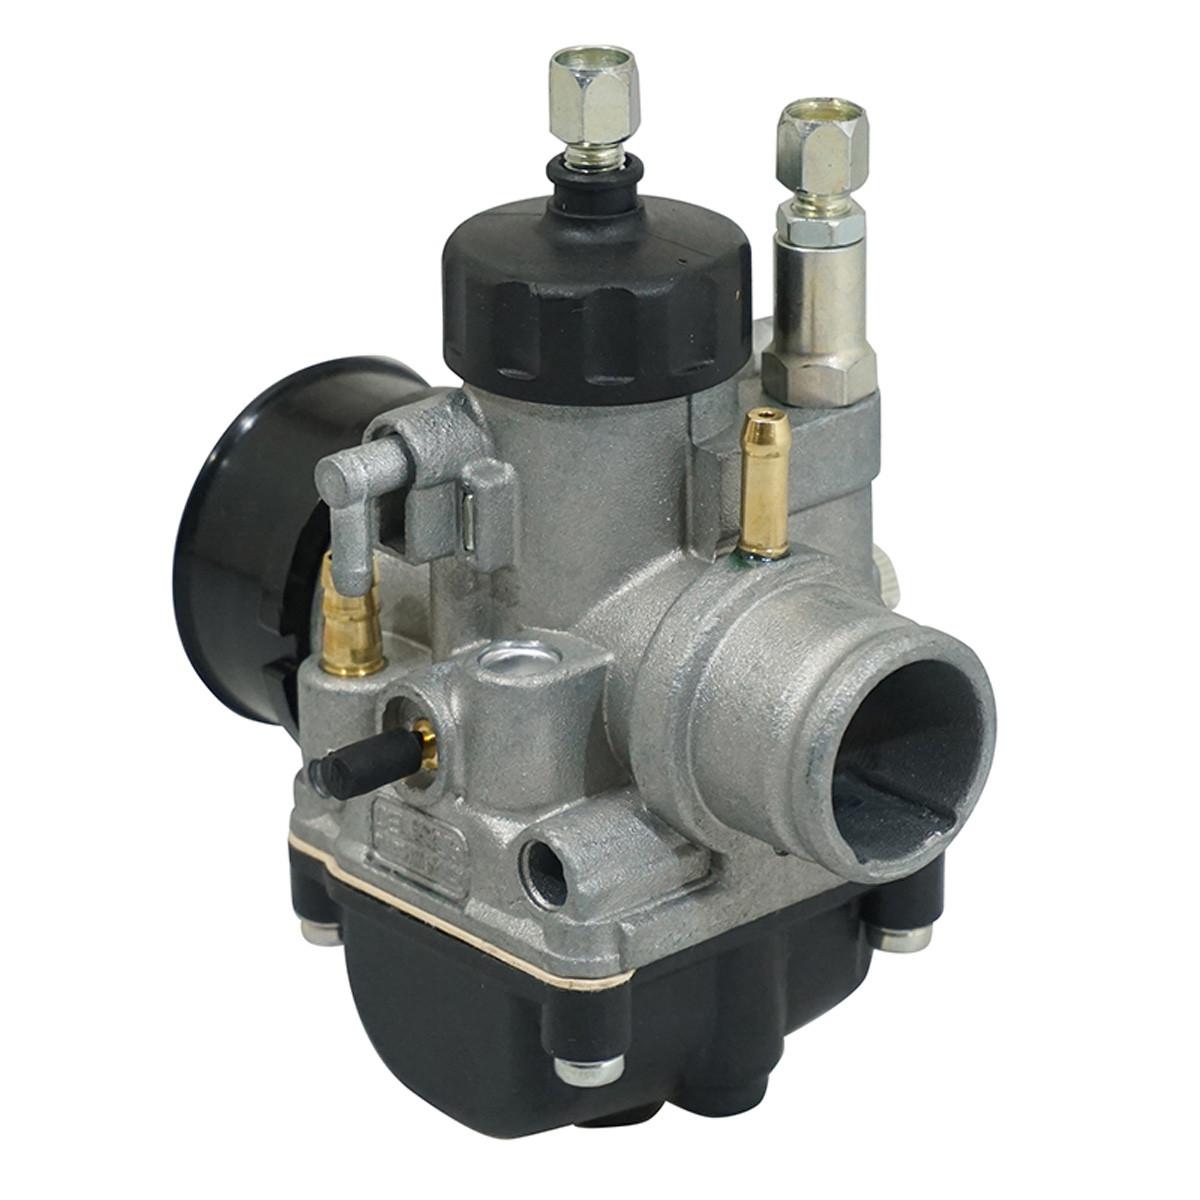 Carburateur 19mm PHBG DS - Dellorto Montage souple / Starter à câble / dépression / Graissage séparé / Couvercle Rond